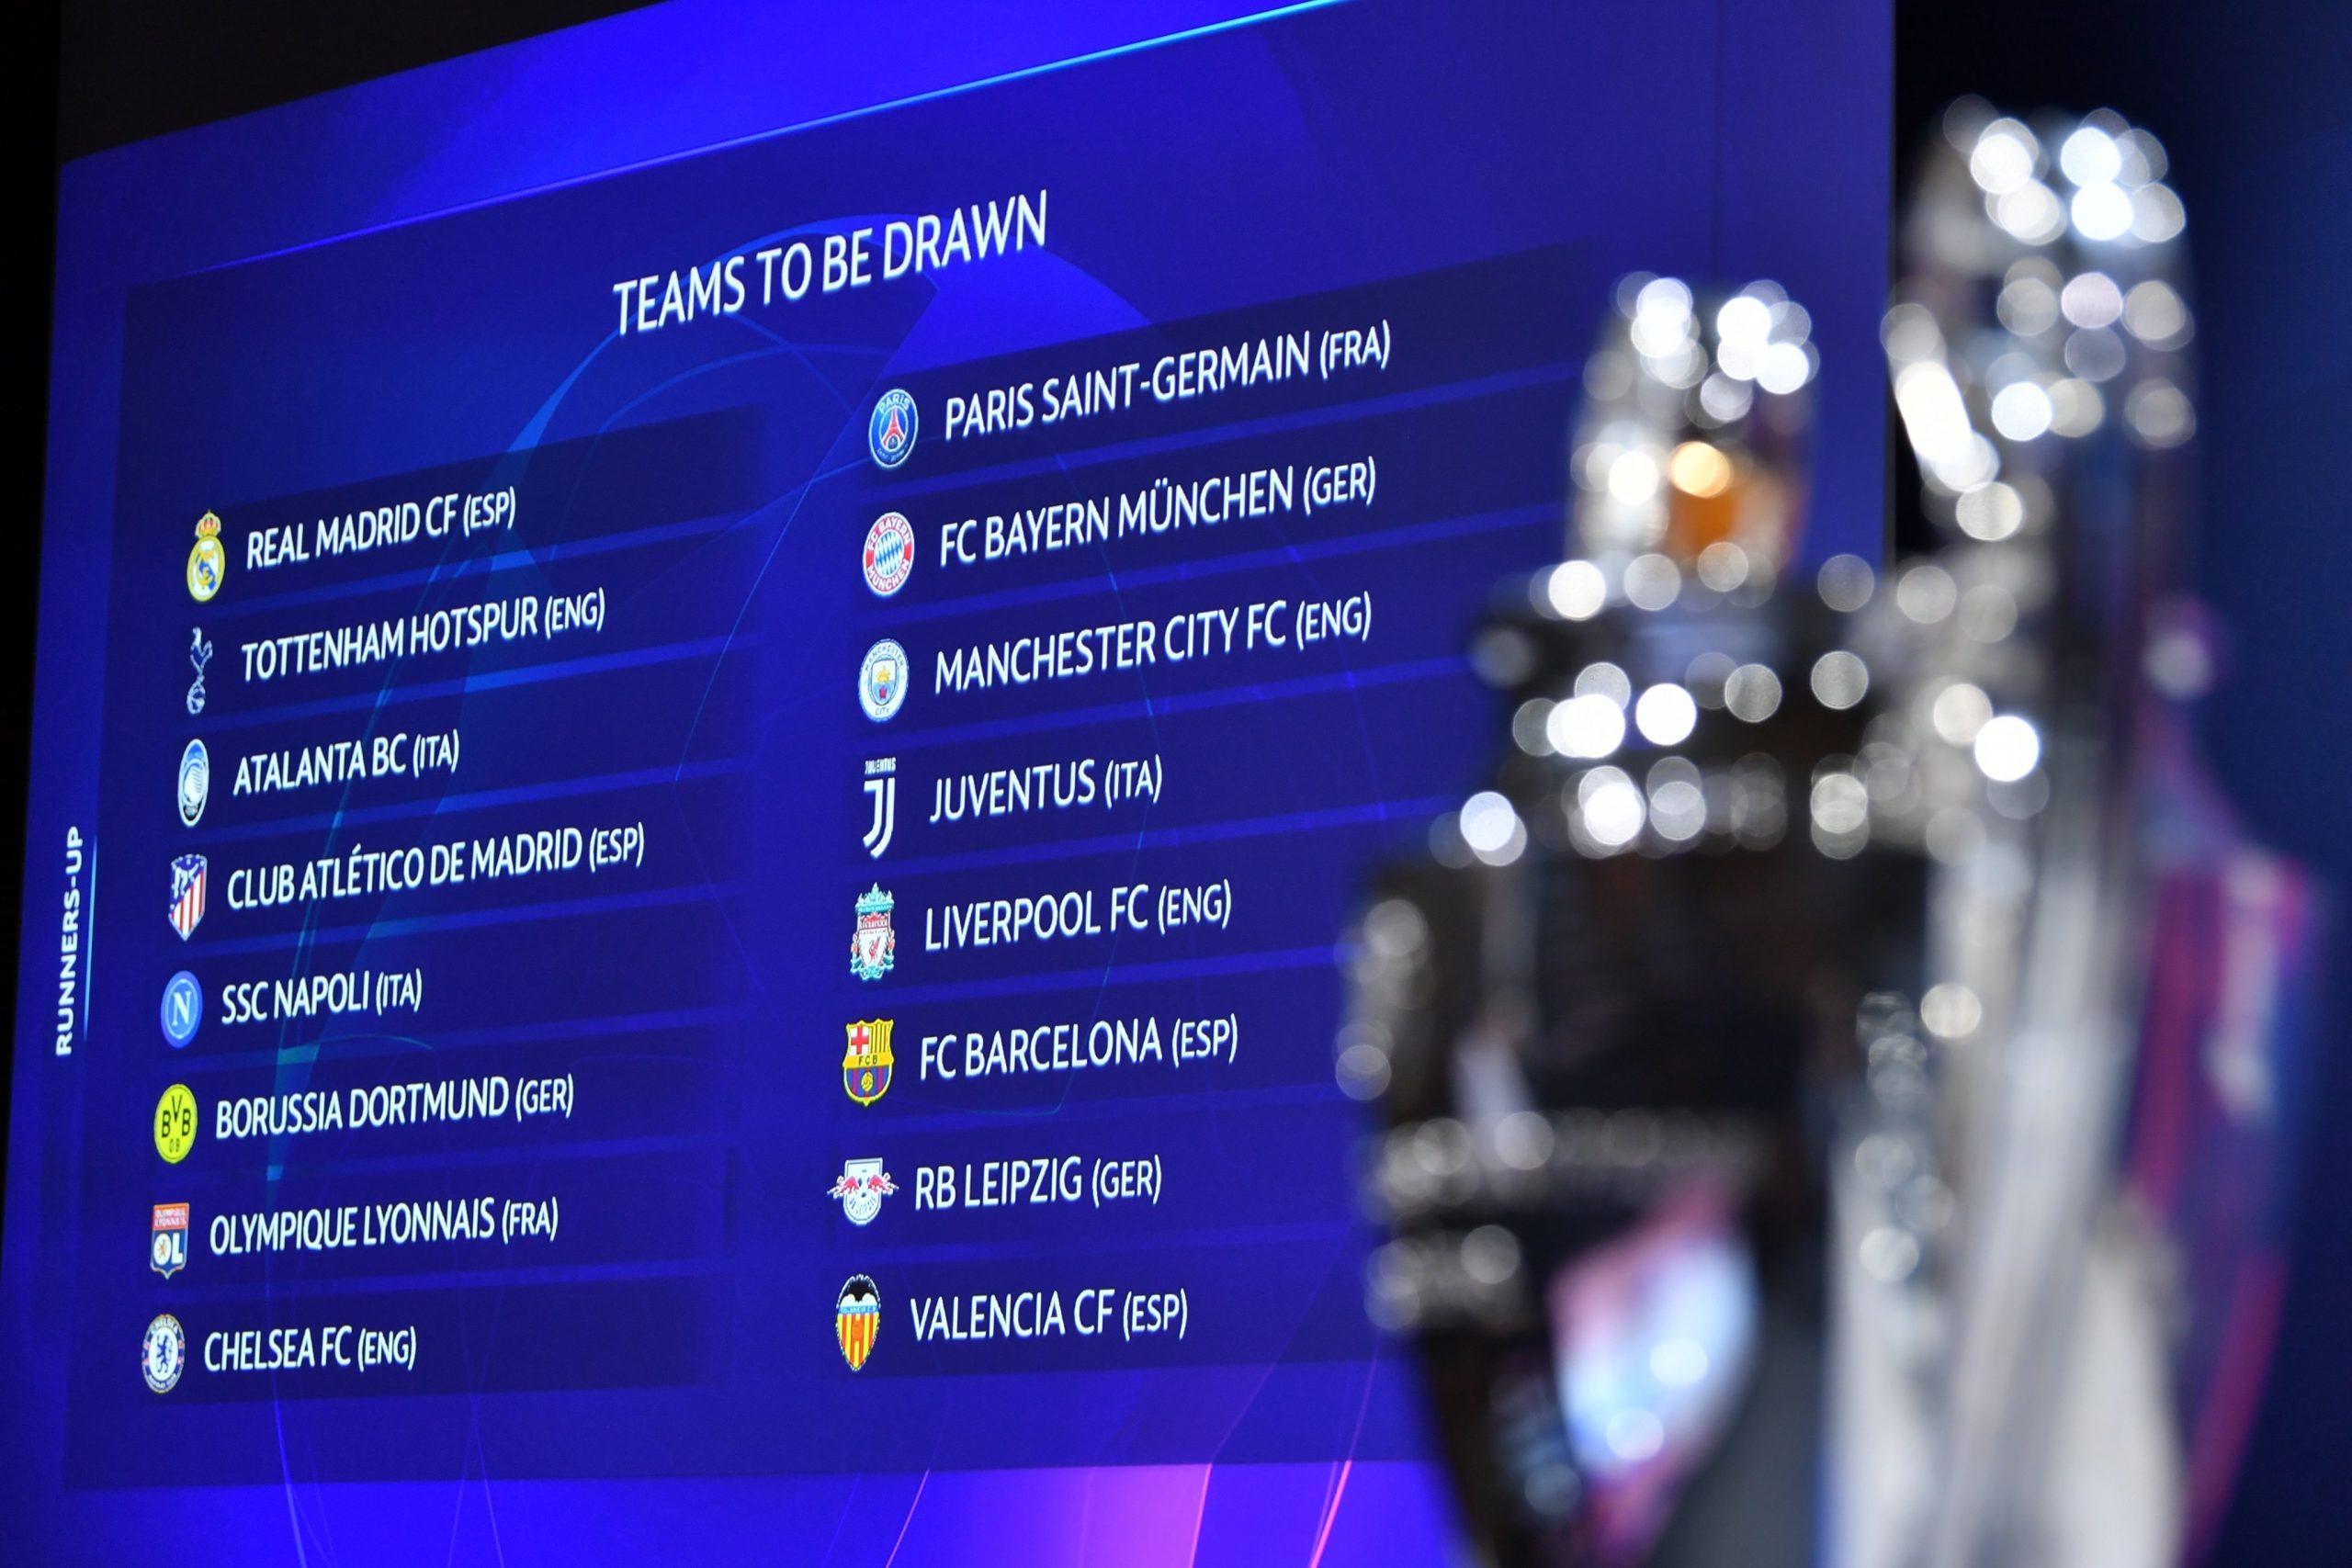 Estos son los cruces de octavos de final de la UEFA Champions League